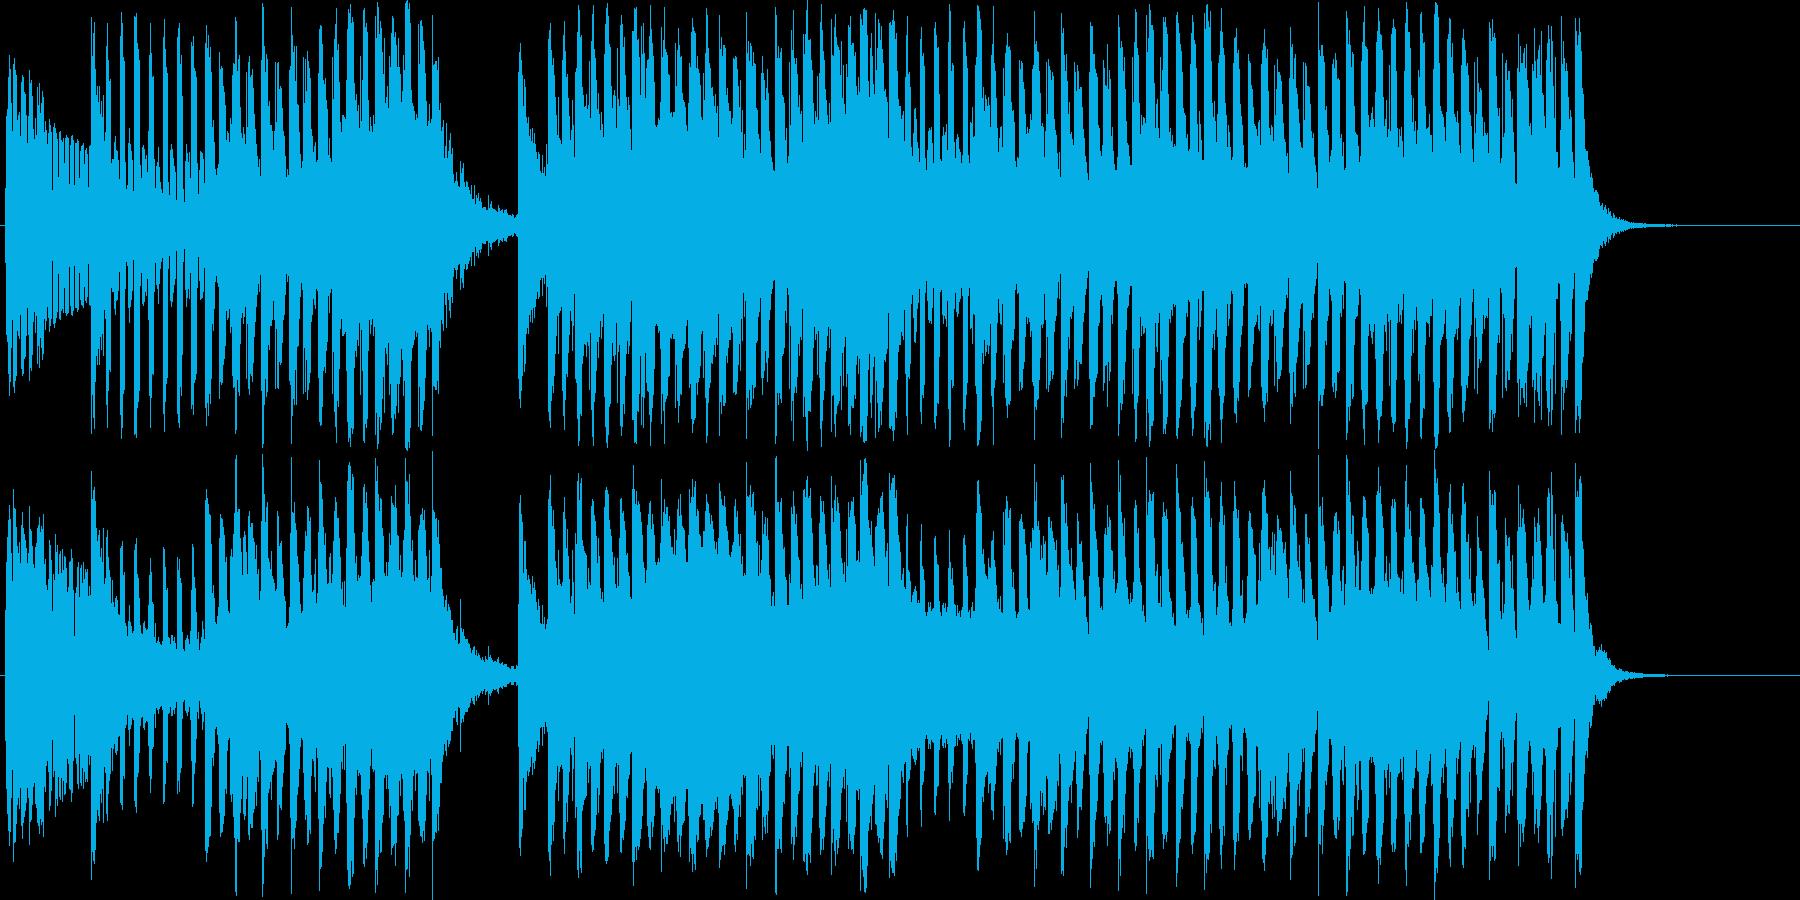 CM ブリキのロボットが踊り出す電子音楽の再生済みの波形